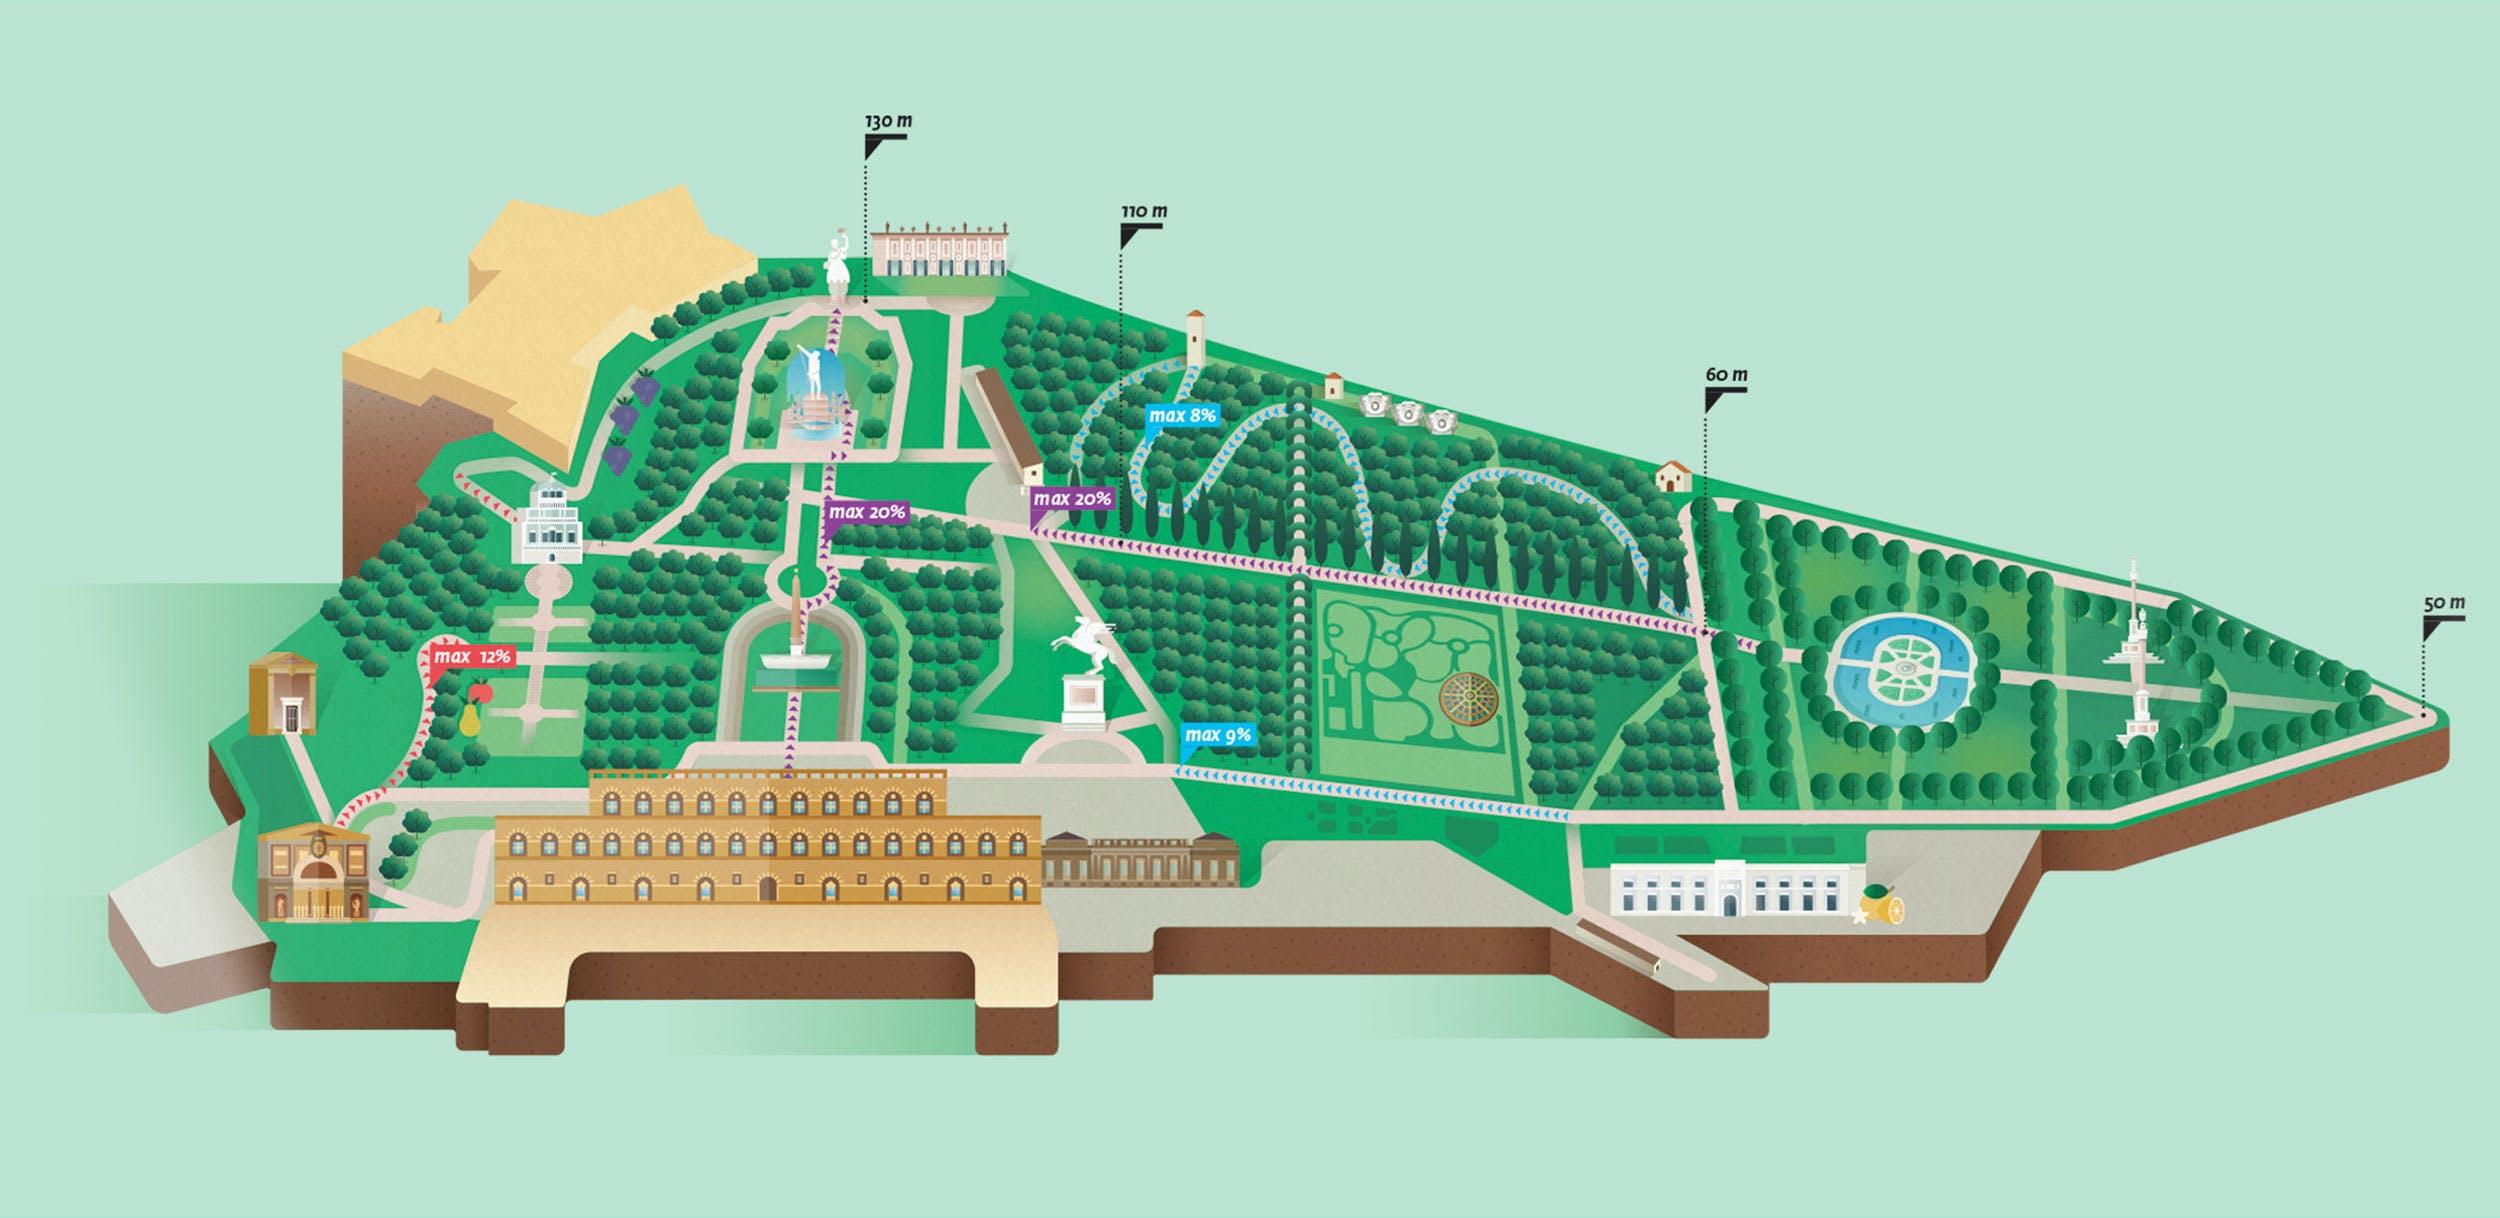 La mappa dei giardini di Boboli in formato poster